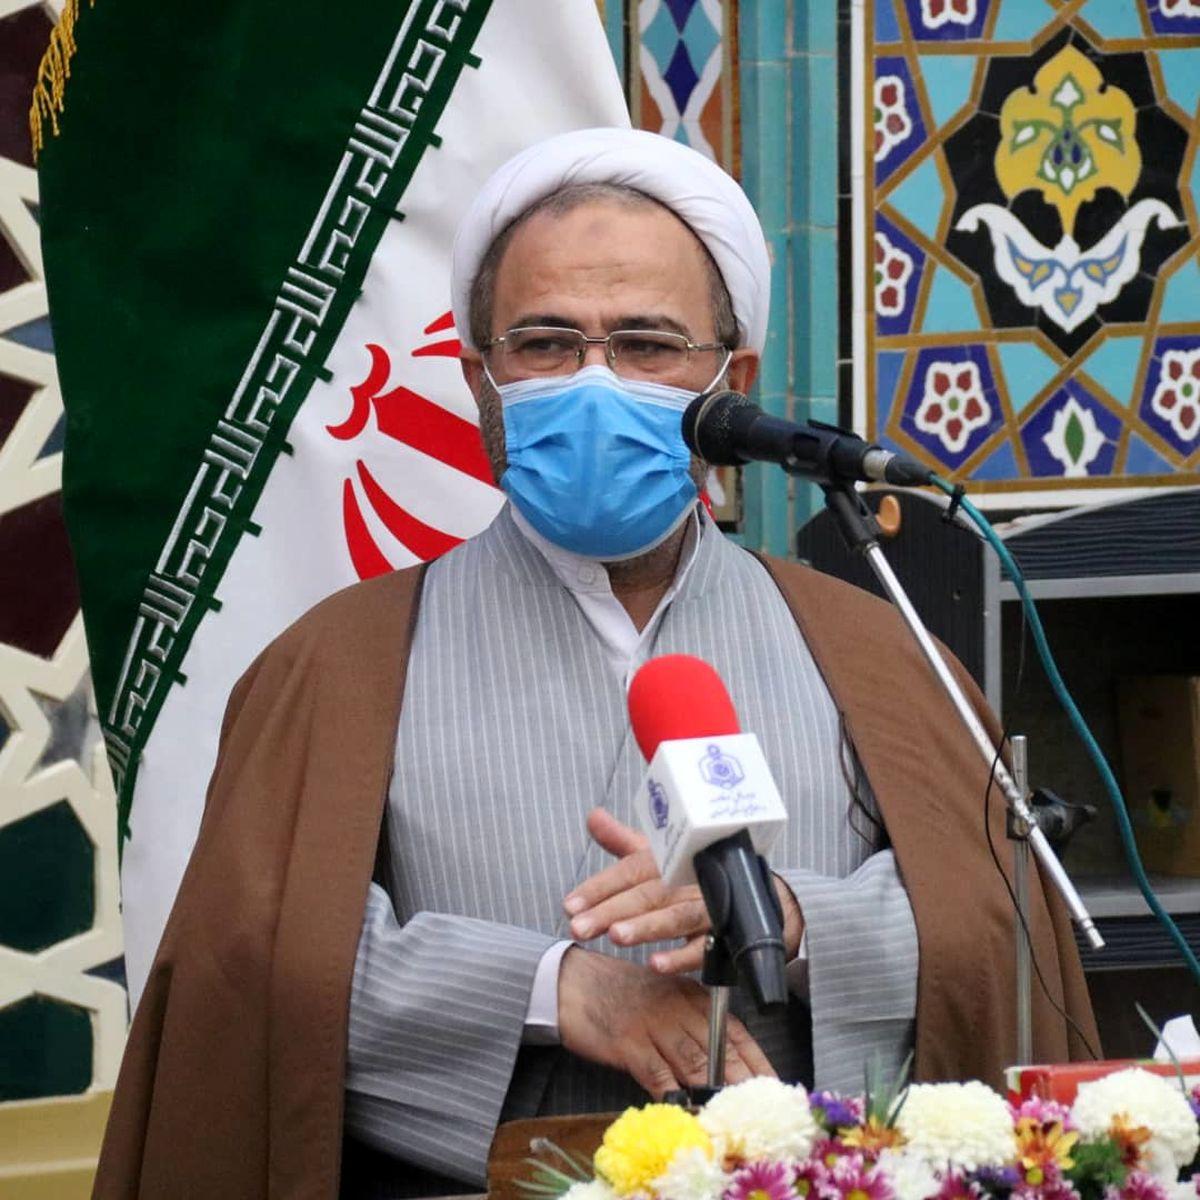 اهدای 70 کپسول اکسیژن از سوی اوقاف اصفهان به بیماران نیازمندان